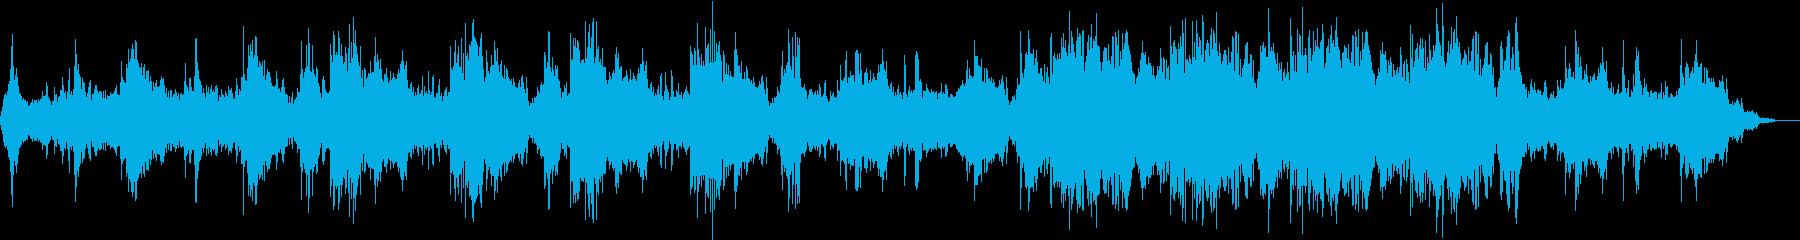 睡眠用のリラクゼーション音楽作品の再生済みの波形